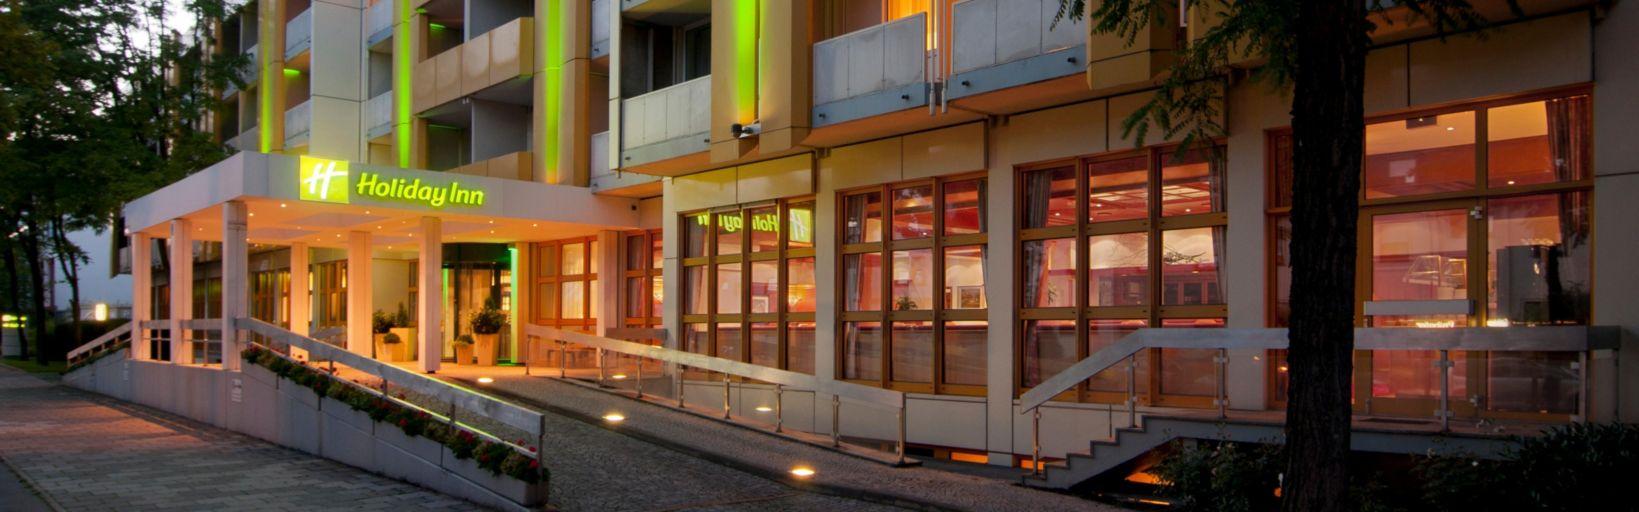 Holiday Inn Munich – München Süd